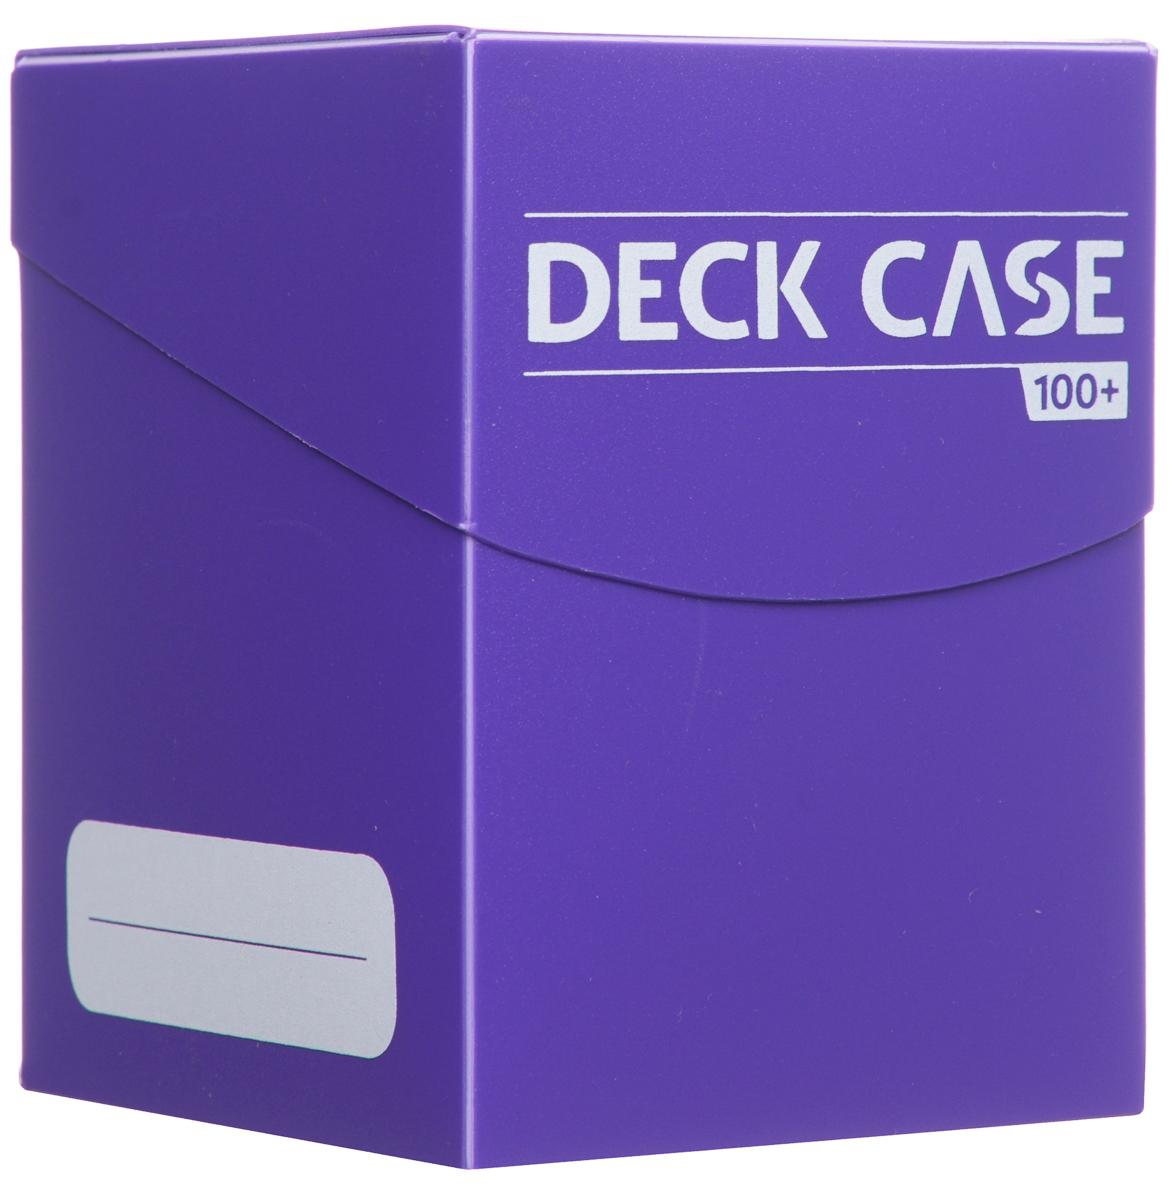 Ultimate Guard Коробочка для карт на 100 шт цвет фиолетовый08UG001_фиолетовыйКоробочка для карт Ultimate Guard вмещает в себя до 100 карт в двойных протекторах или до 120 карт в обычных. Тонкие стенки коробочки позволяют ей быть легкой, и в то же время достаточно прочной, чтобы сохранить колоды в отличном виде. Удобная крышка не позволит картам высыпаться. На внешней стороне коробочки предусмотрены места для записей. Коробочка дополнена одной картой-делителем.